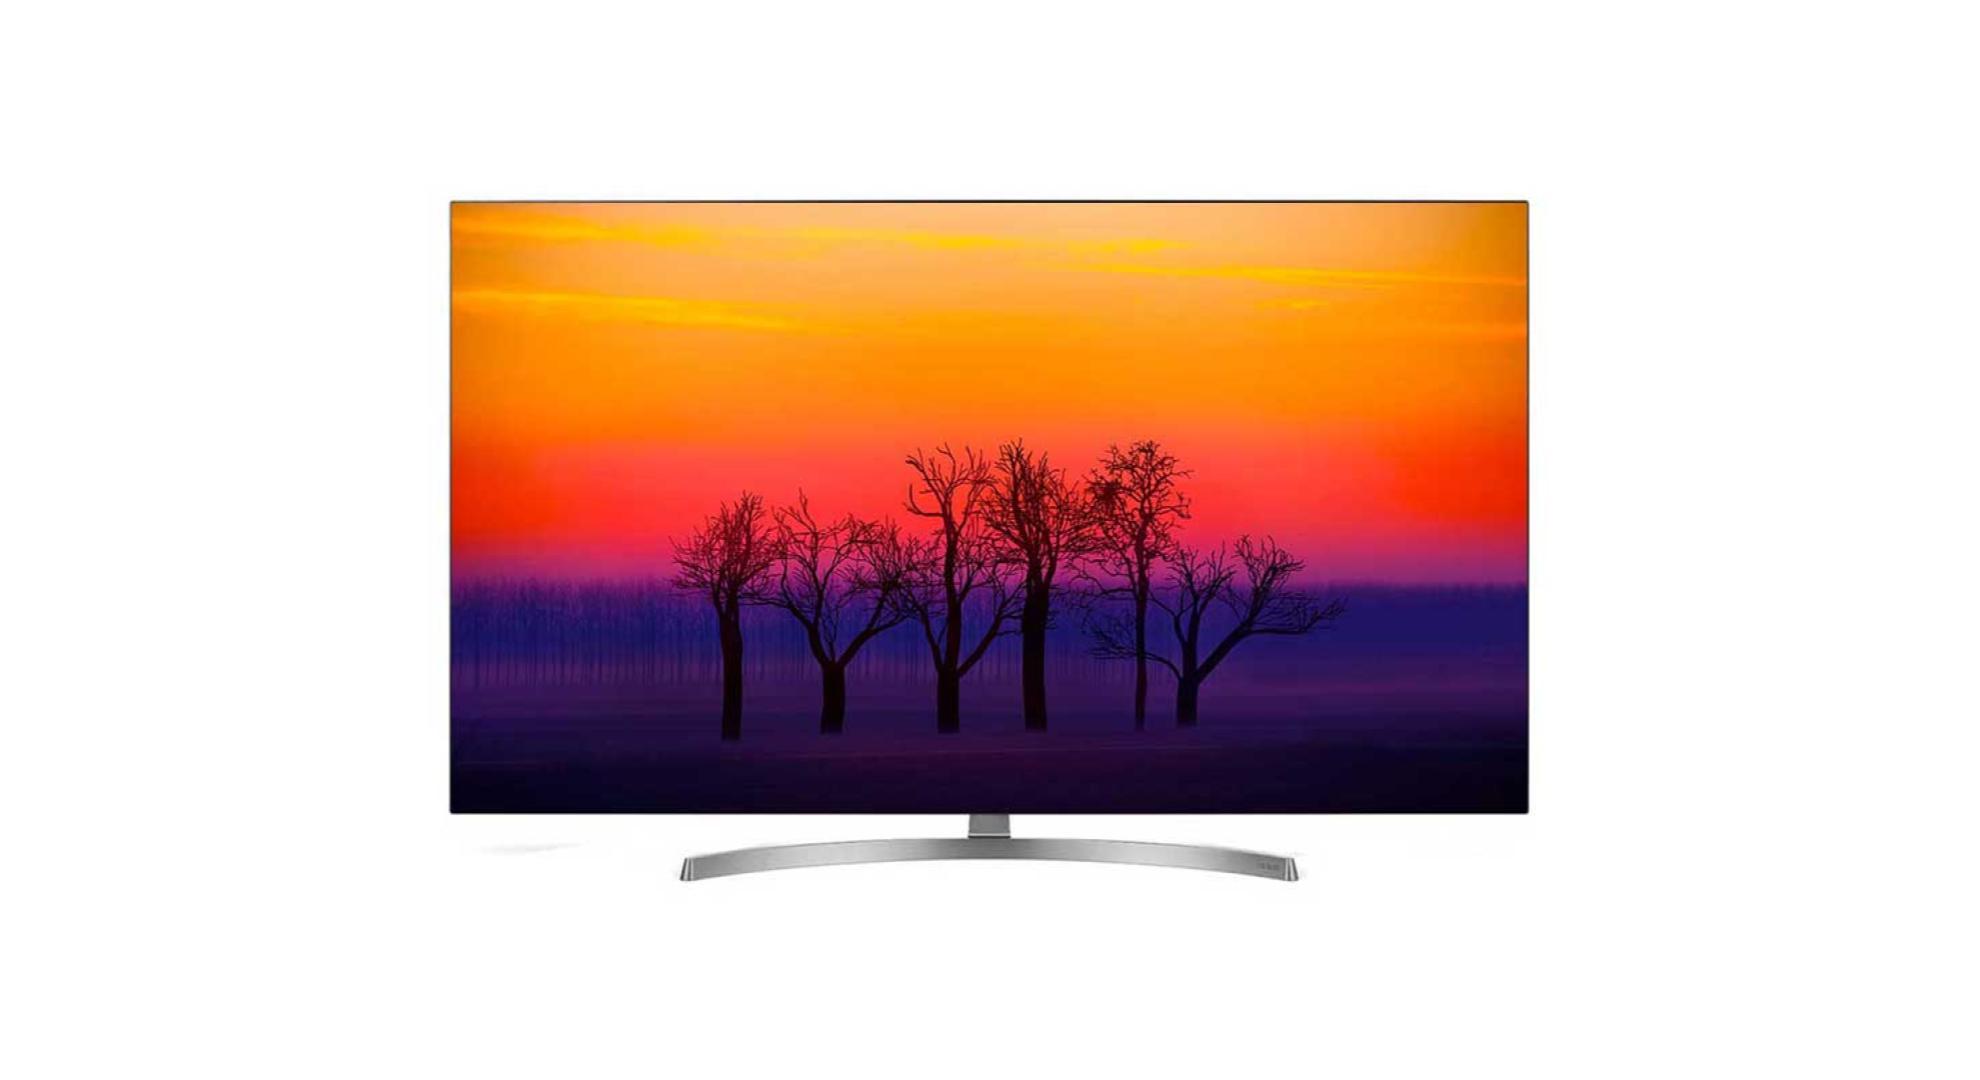 bon plan la tv oled lg 55b8s 4k hdr dolby vision descend 1299 euros sur frandroid. Black Bedroom Furniture Sets. Home Design Ideas